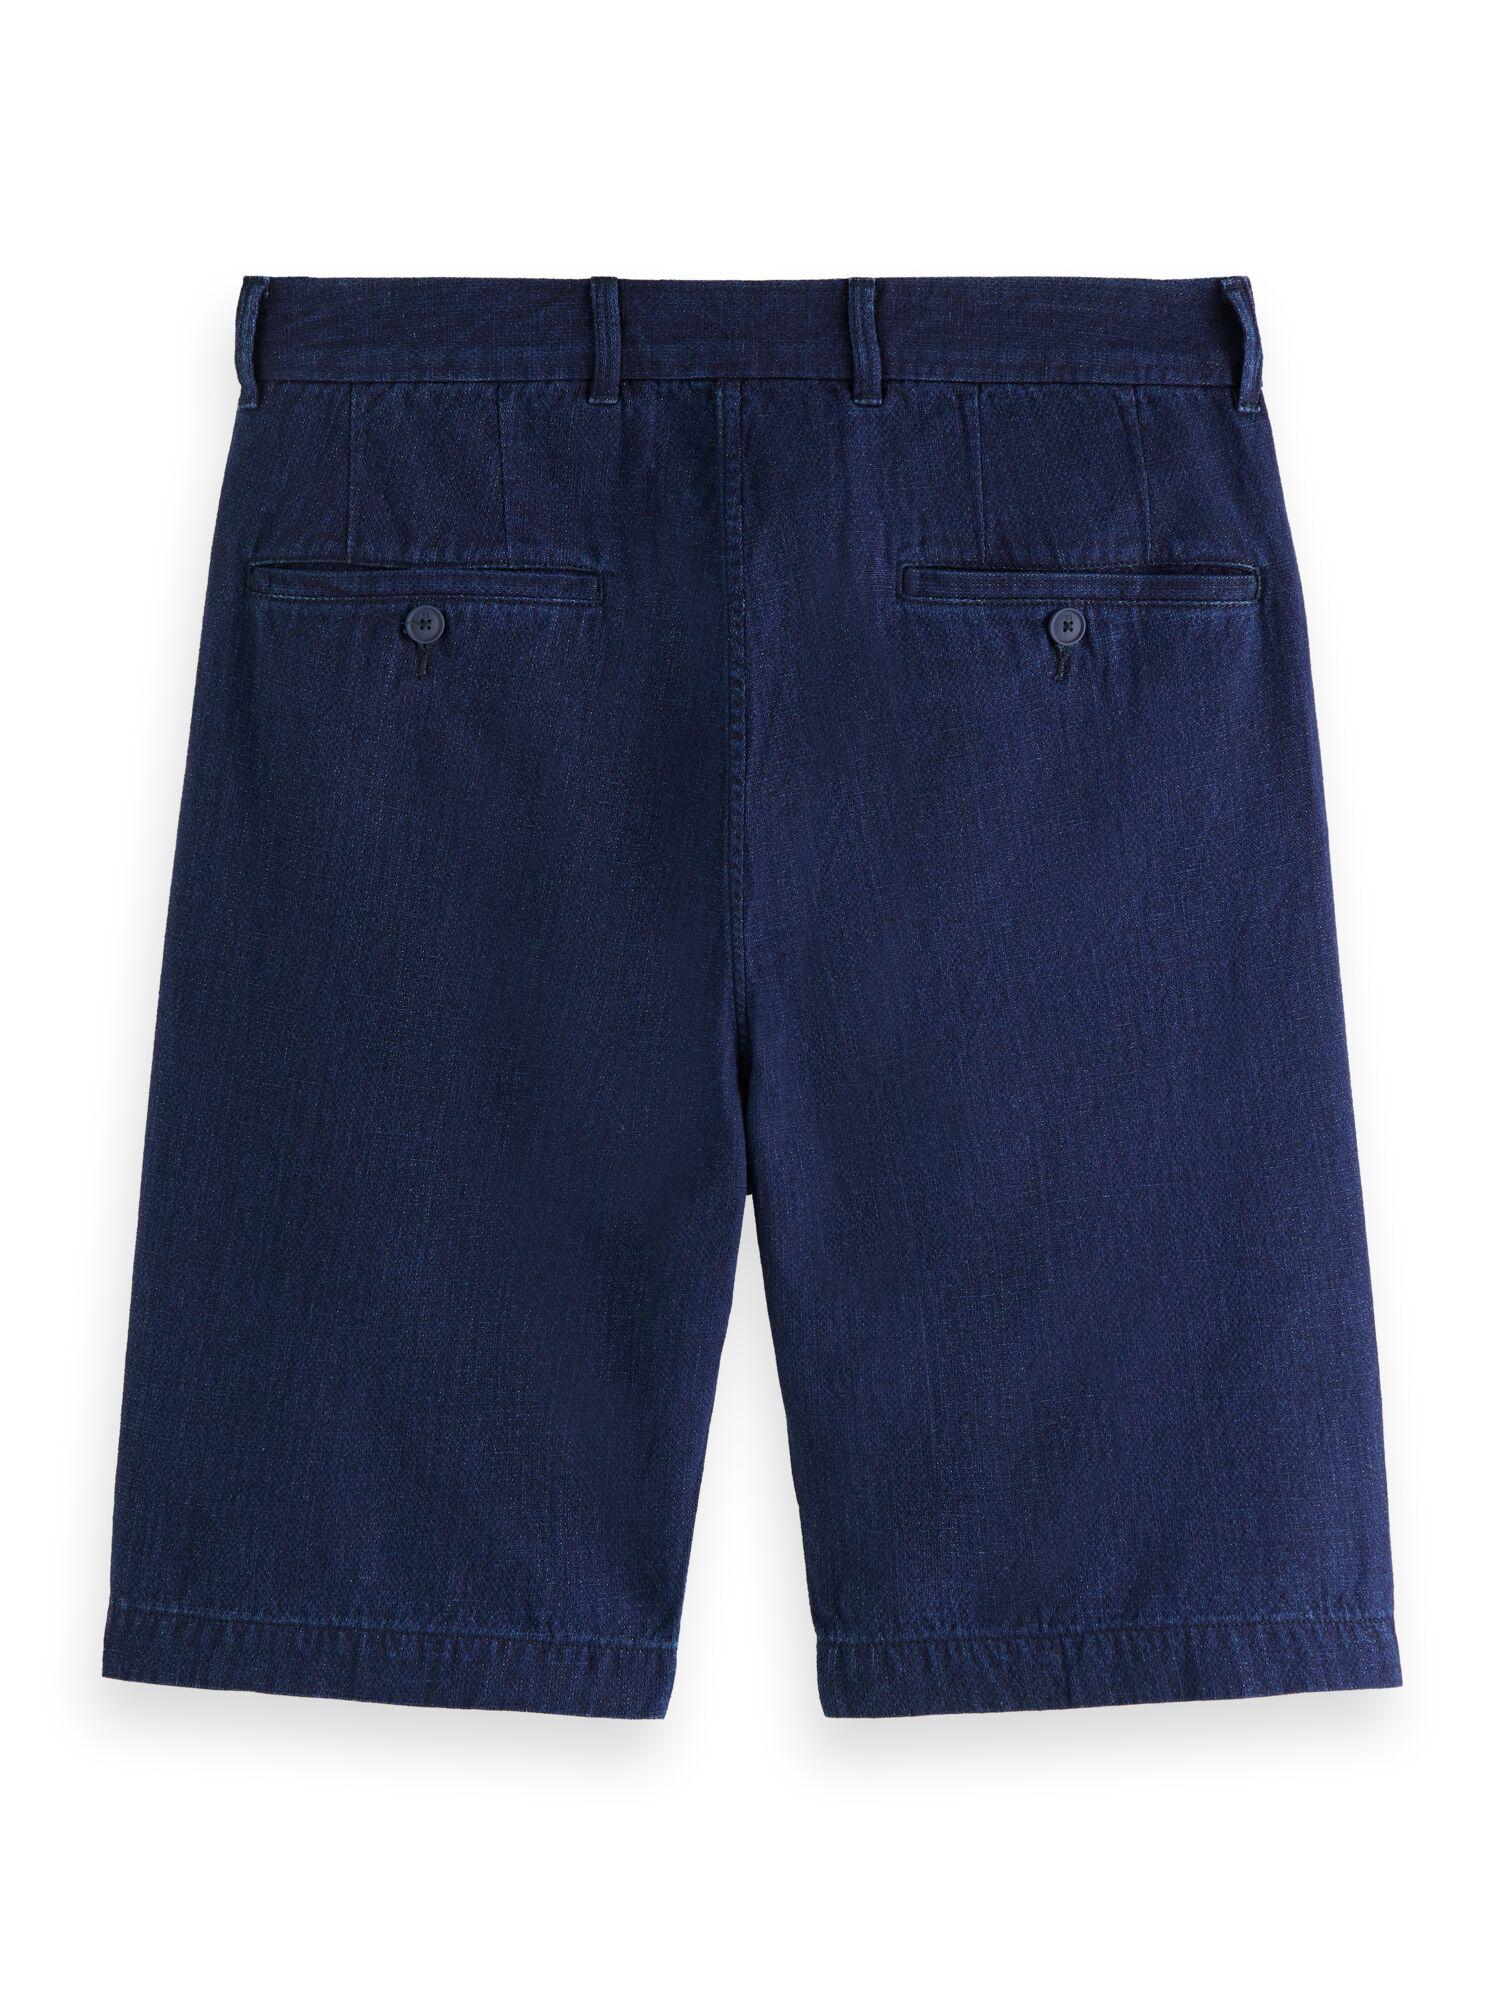 Scotch & Soda   Ams Blauw cotton/linen indigo Fave chino short